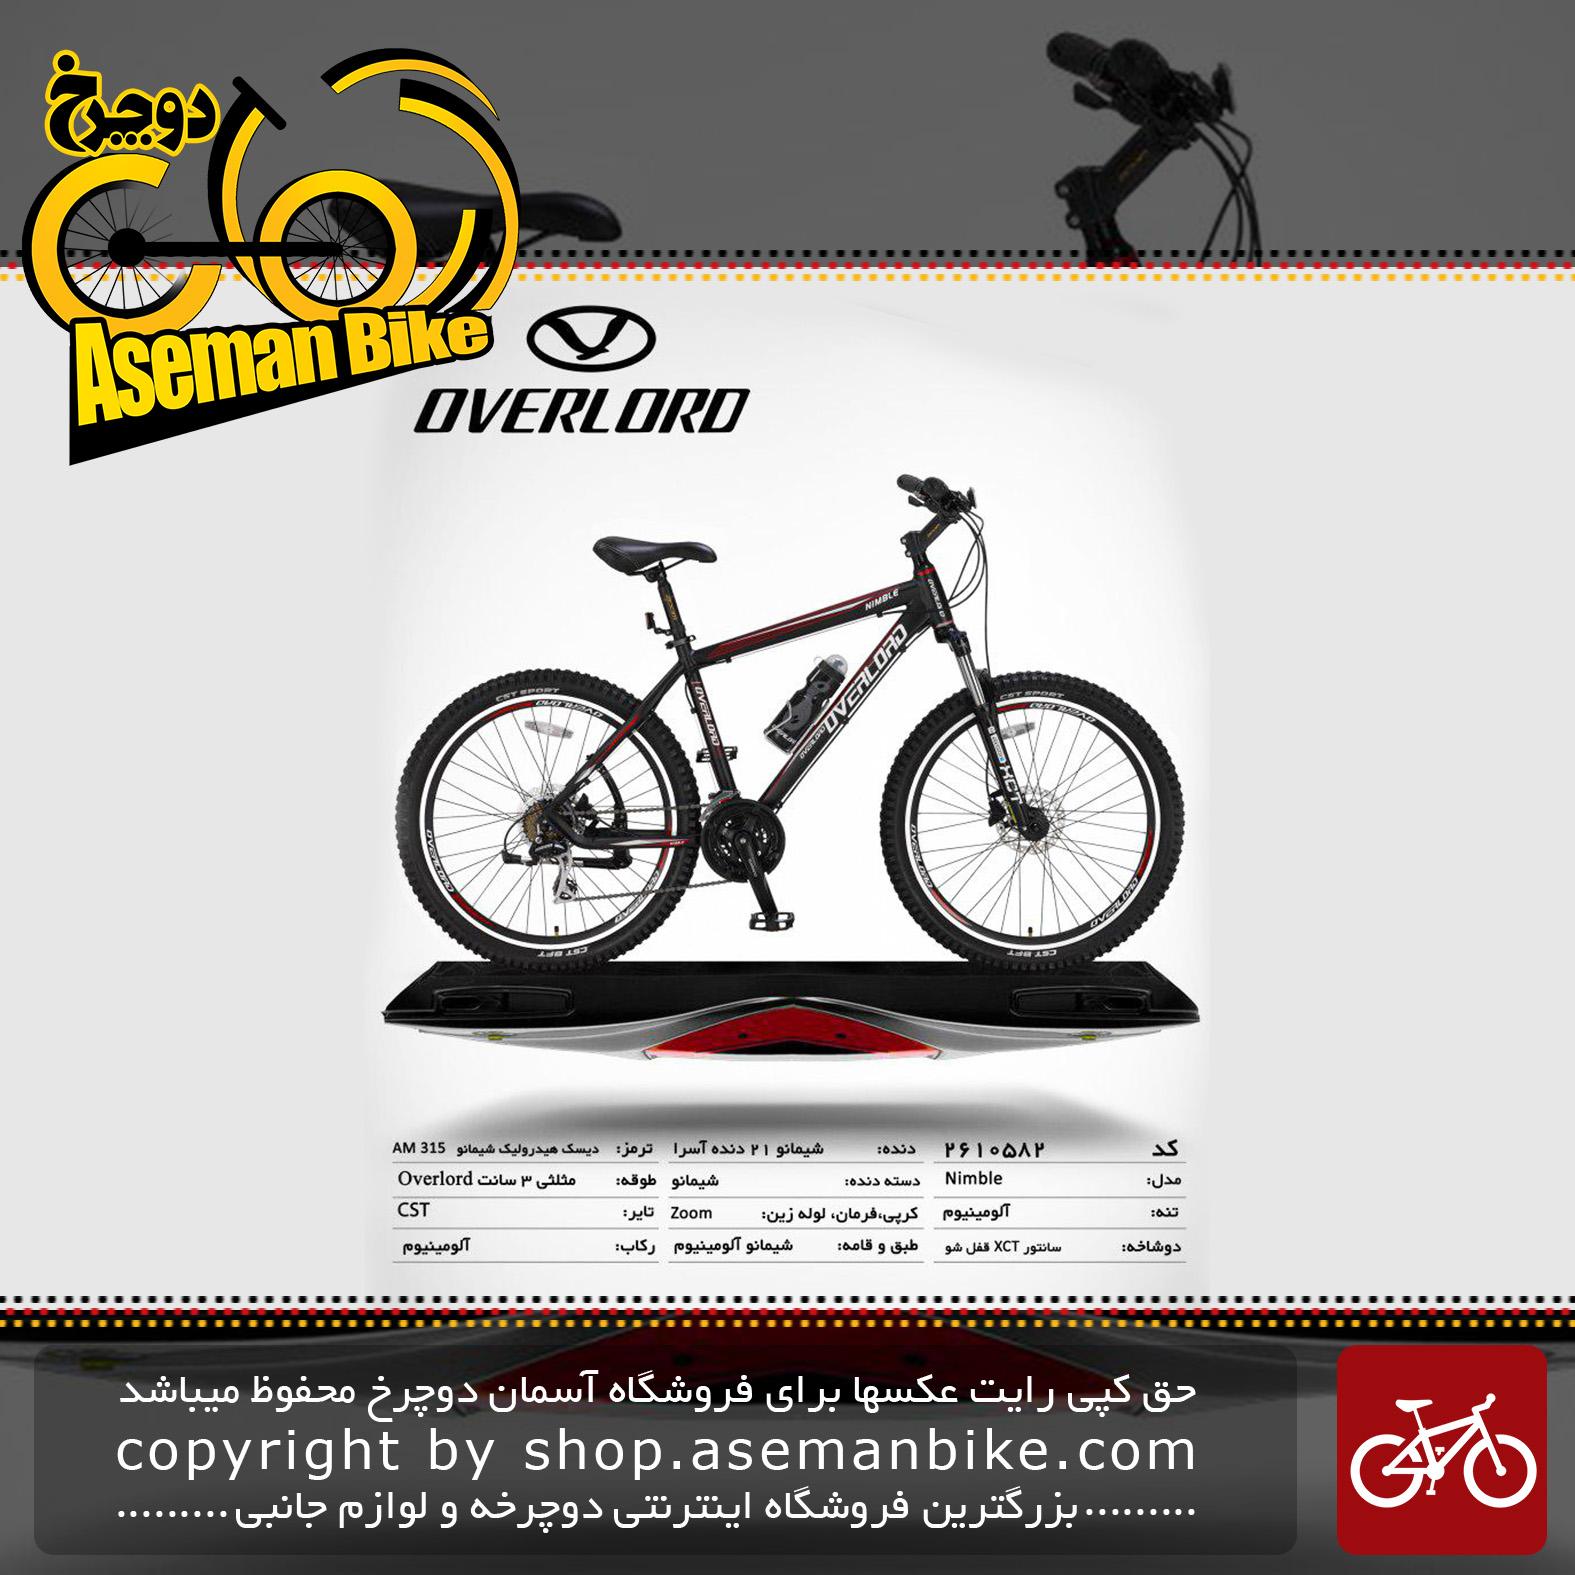 دوچرخه کوهستان شهری اورلرد مدل نیمبل 21 دنده شیمانو آسرا سایز 26 ساخت تایوان OVERLORD Mountain City Taiwan Bicycle NIMBLE 26 2019